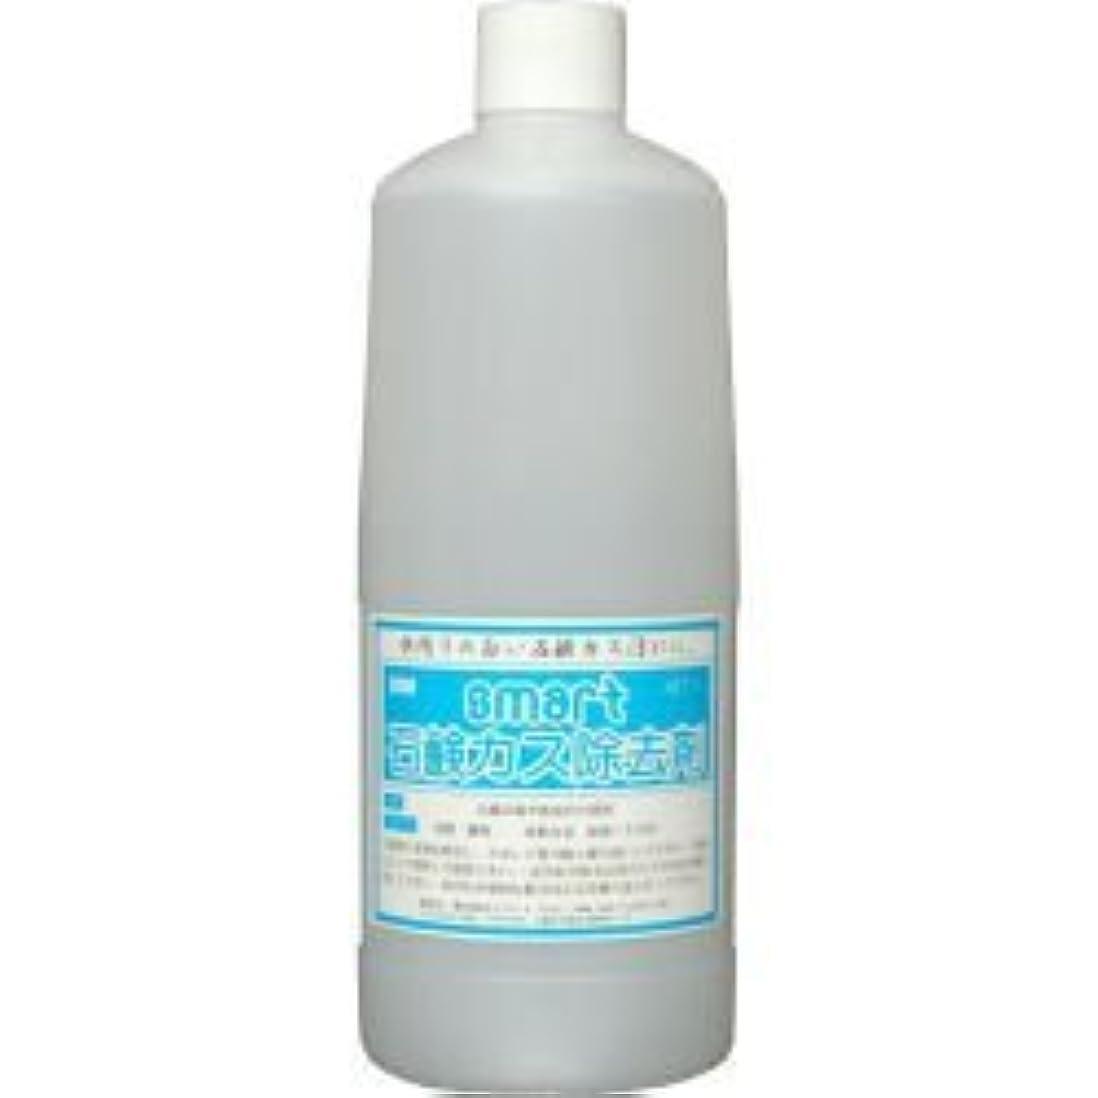 証拠超えて乳白スマート石鹸カス除去剤 1L